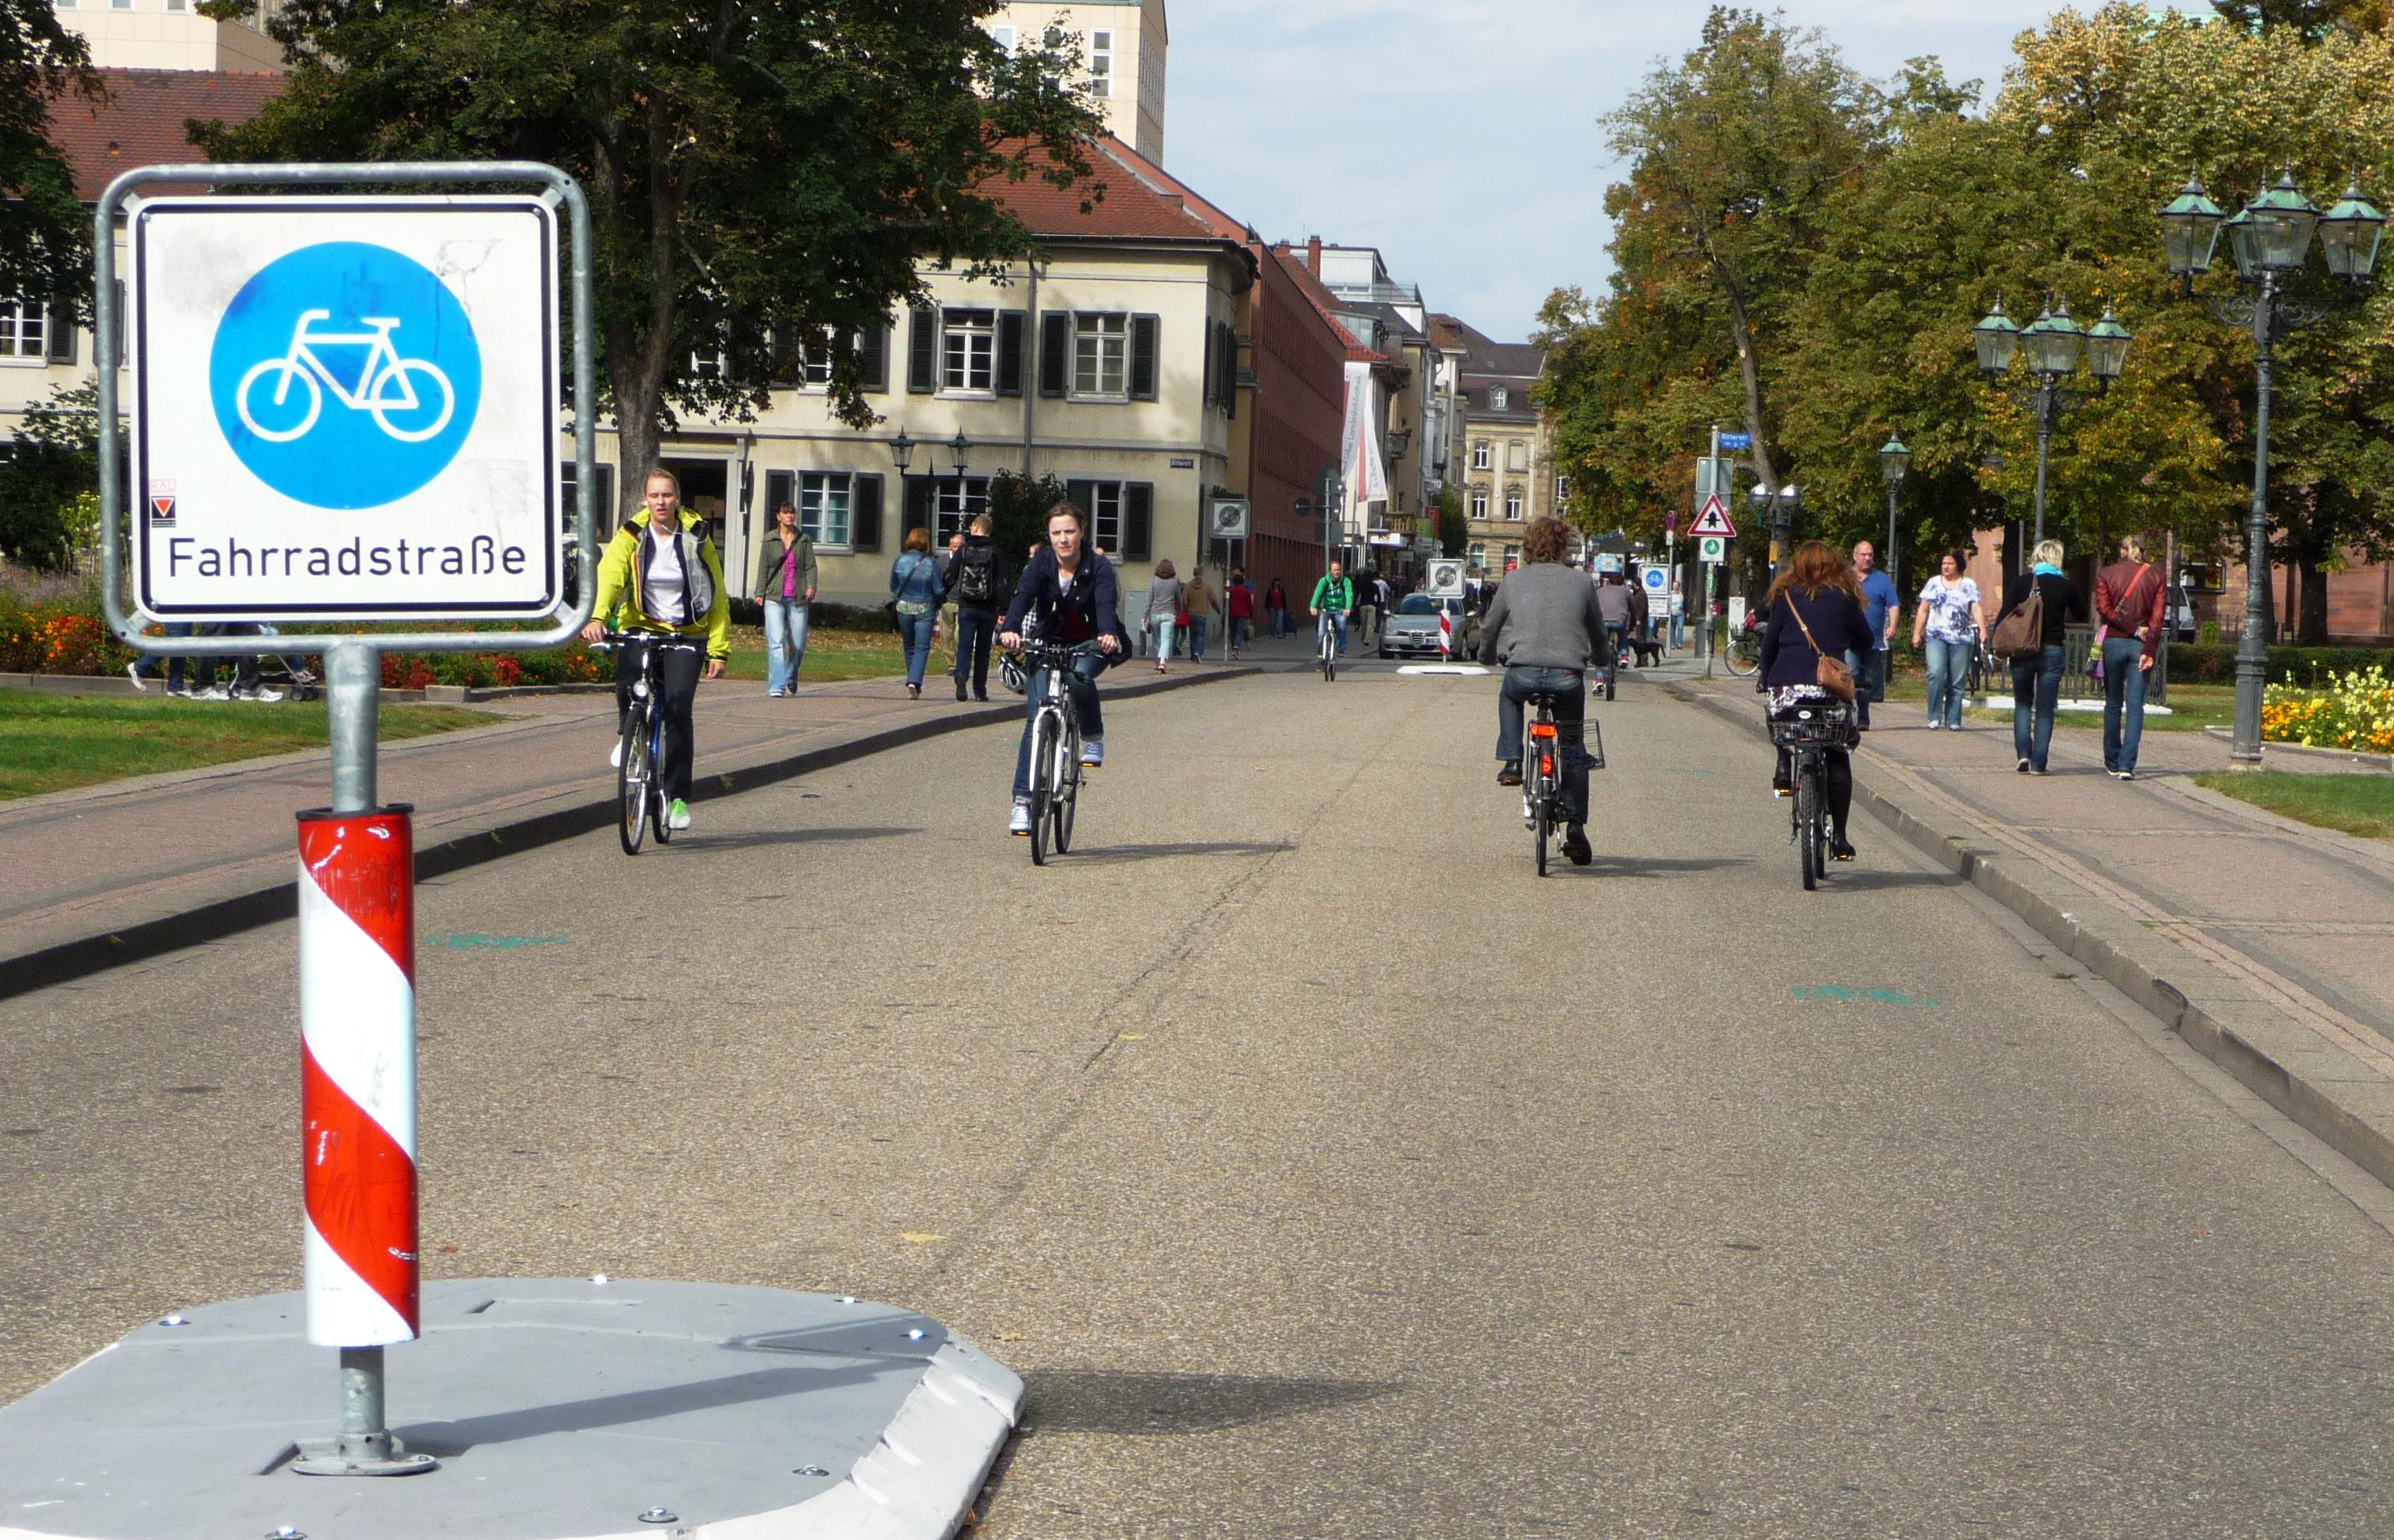 Fahrradstraße KA 15.09.2012